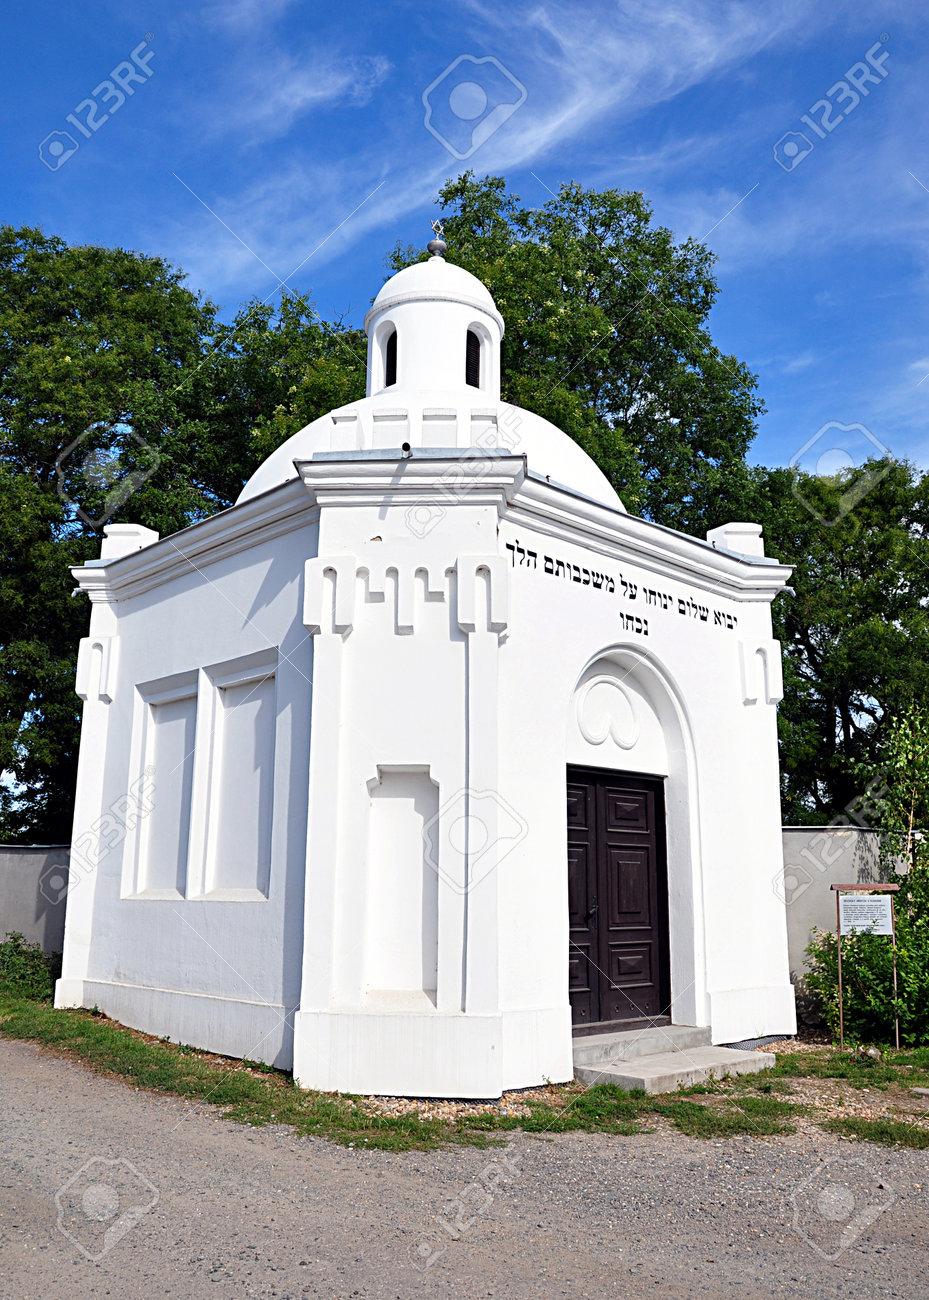 Jewish synagogue - 168116919